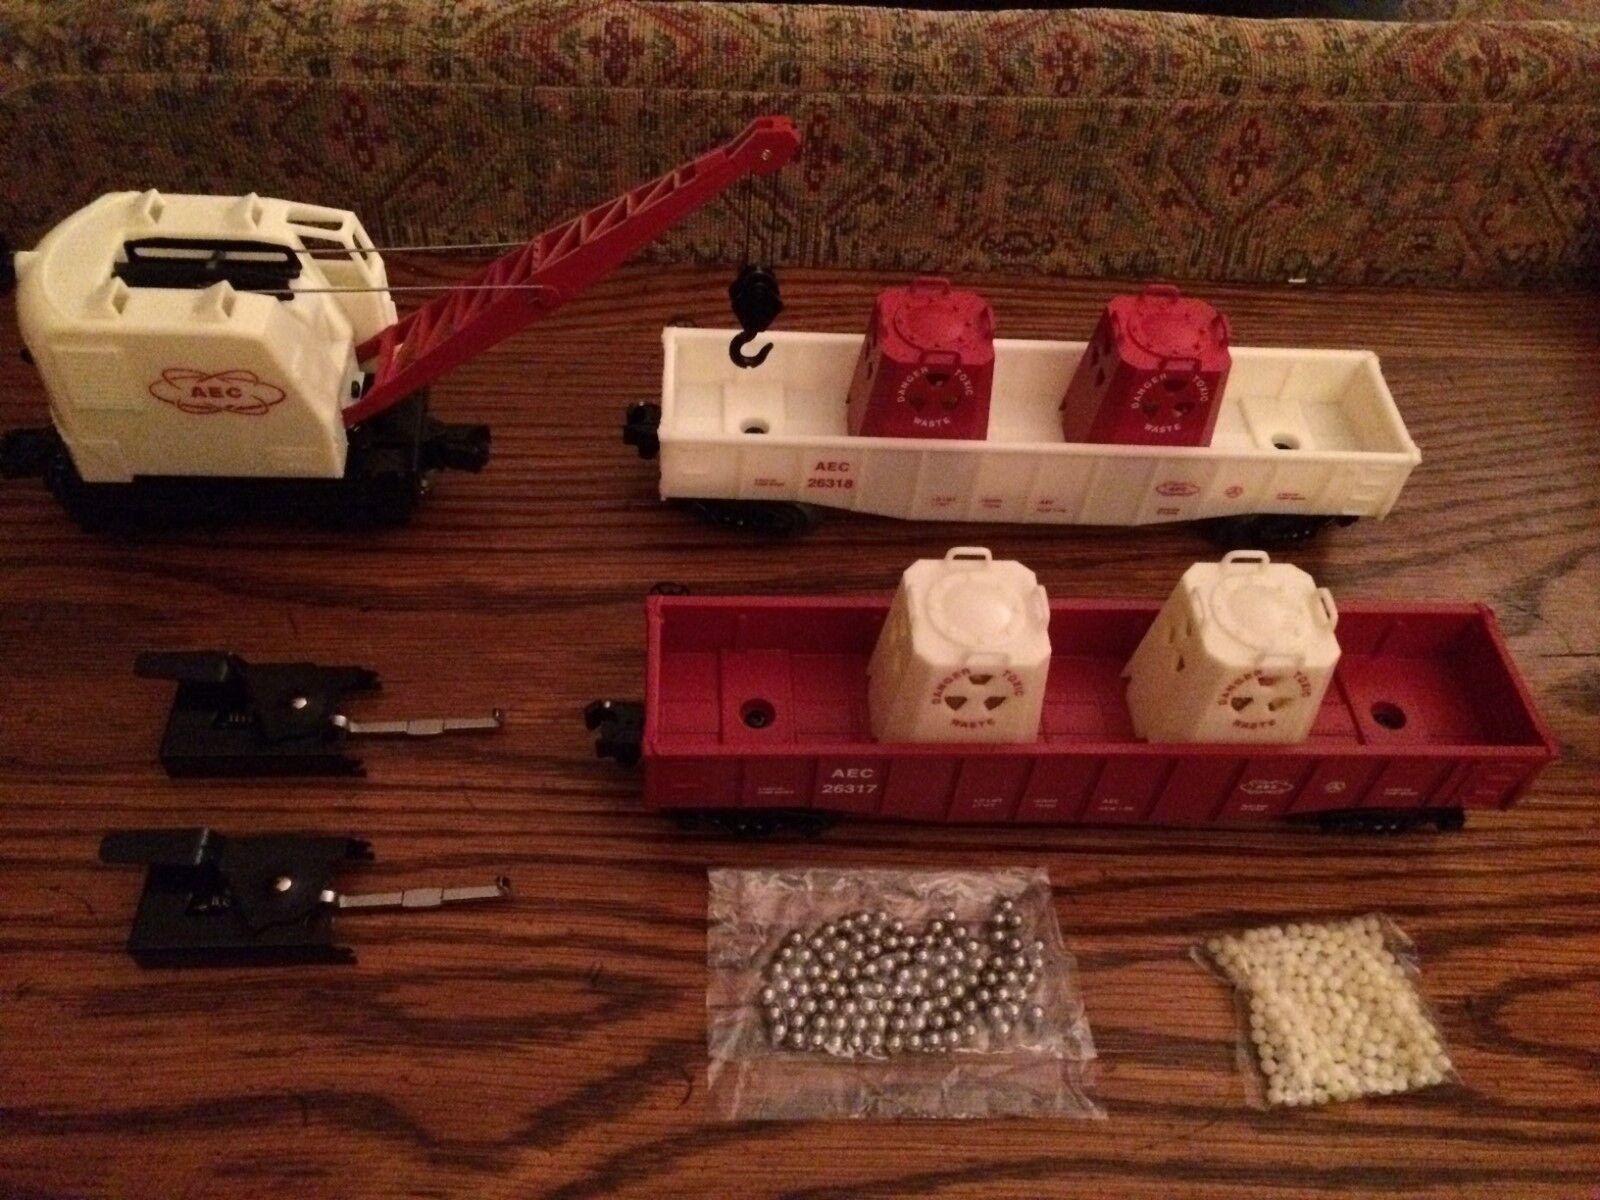 Lionel 31774 AEC Burro Crane Set Nuovo in Box with Master Carton